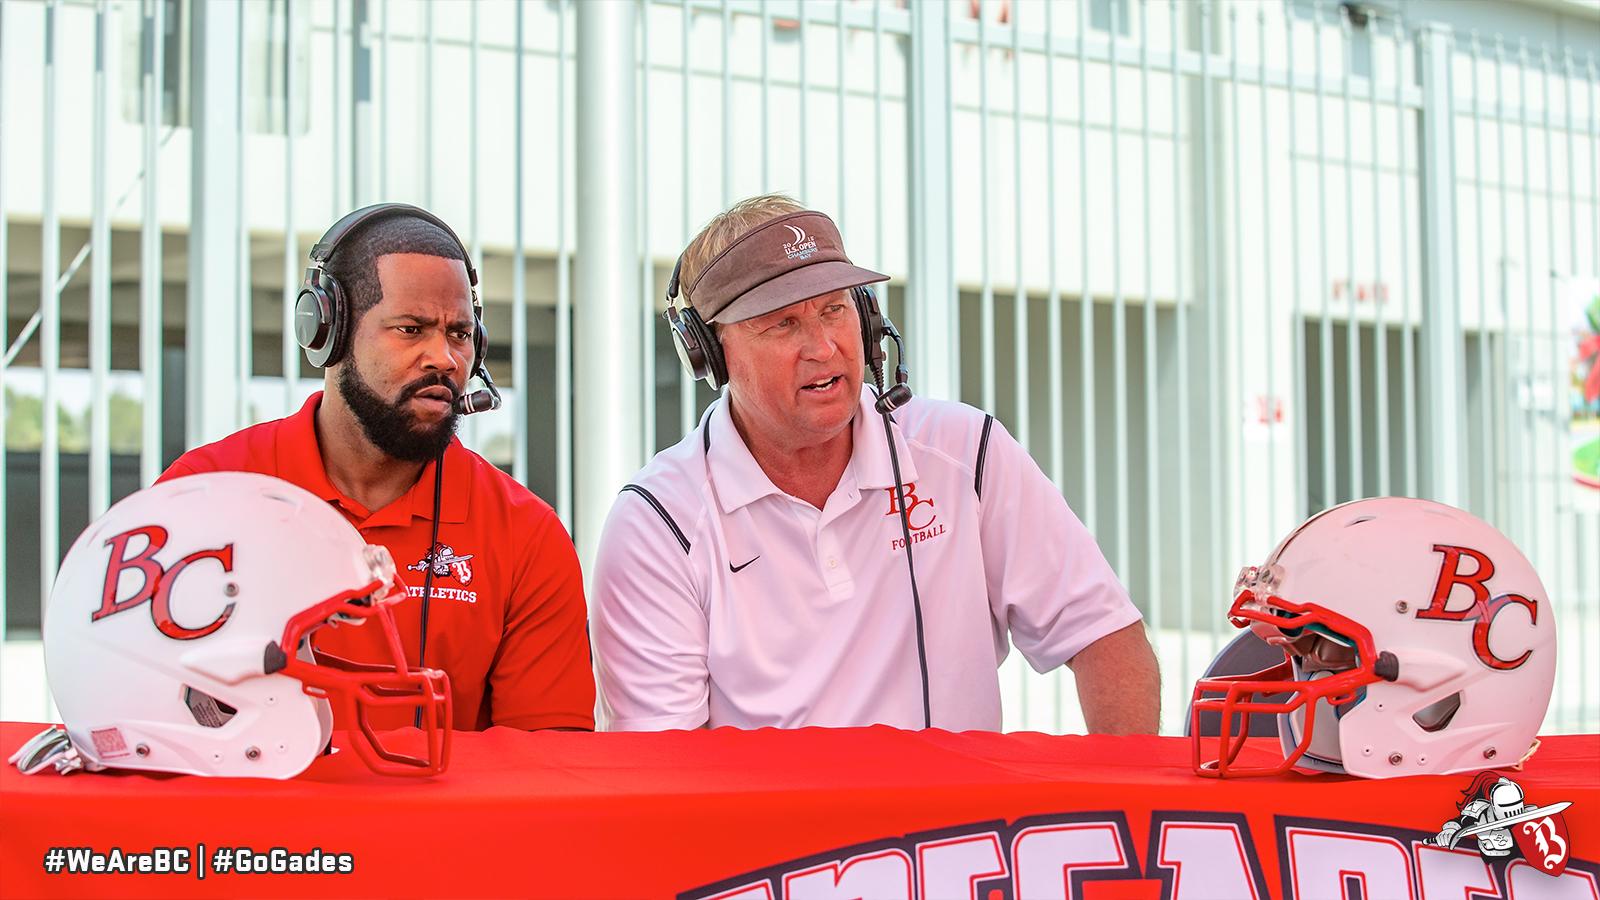 Ken Calvin and Coach Chudy